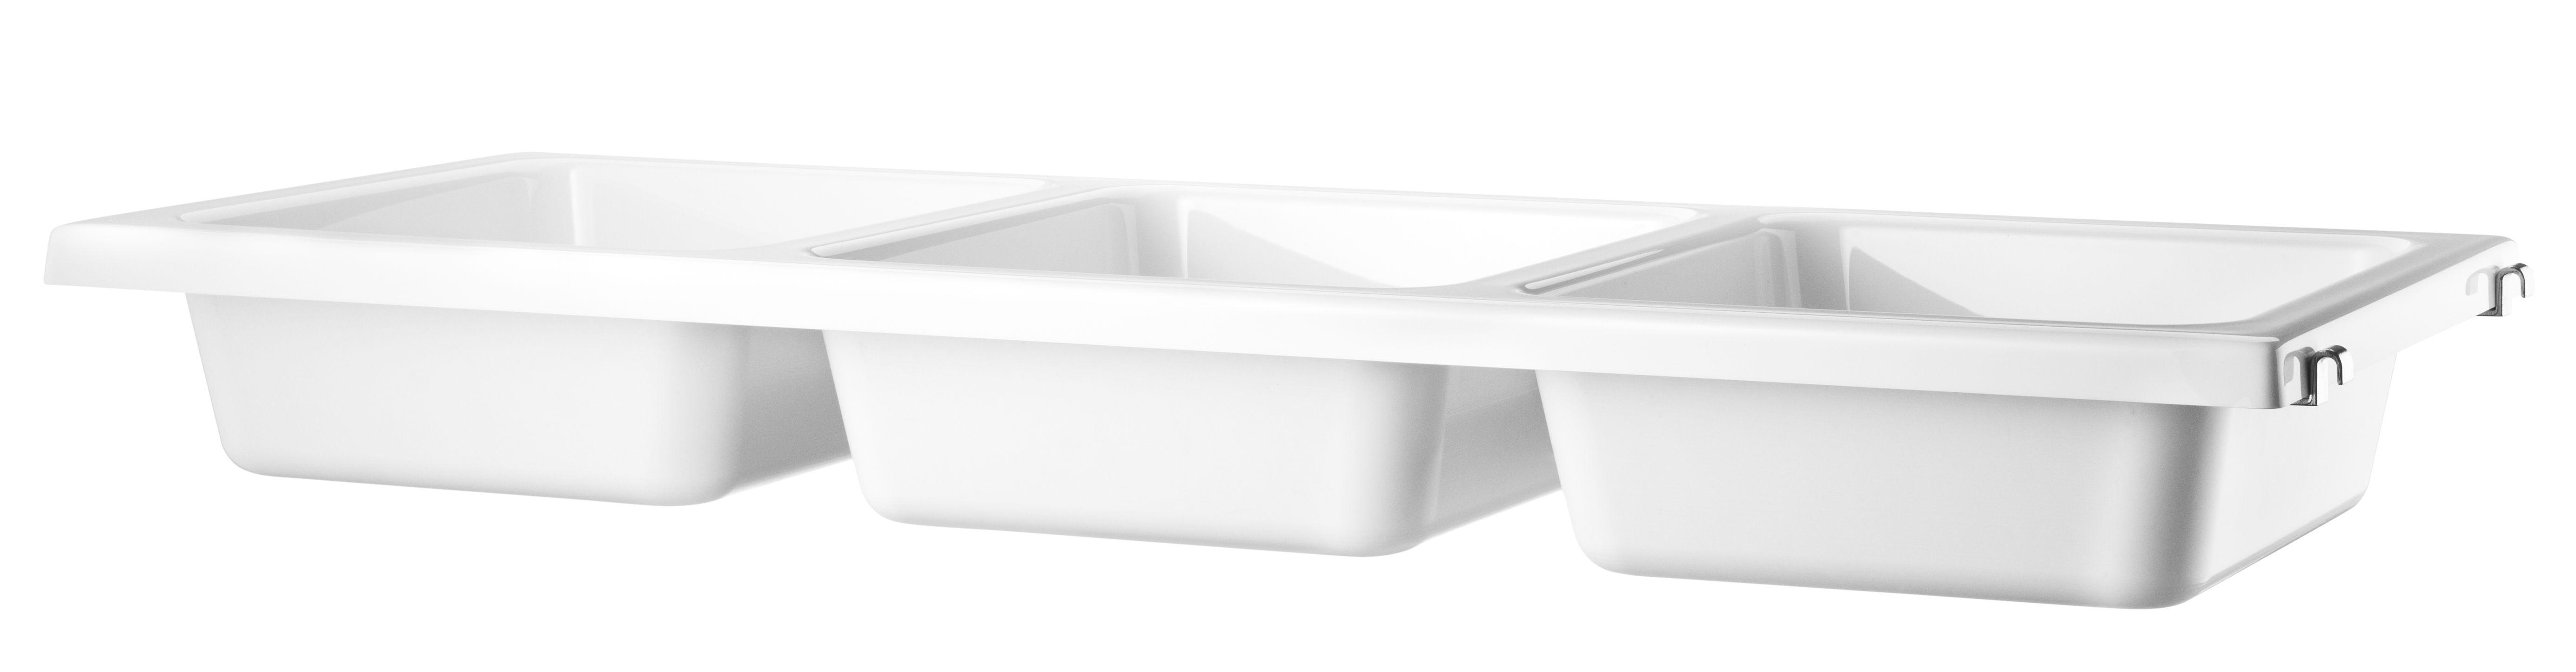 Arredamento - Scaffali e librerie - Scaffale String System - / Con scomparti integrati - L 78 cm di String Furniture - Bianco - ABS